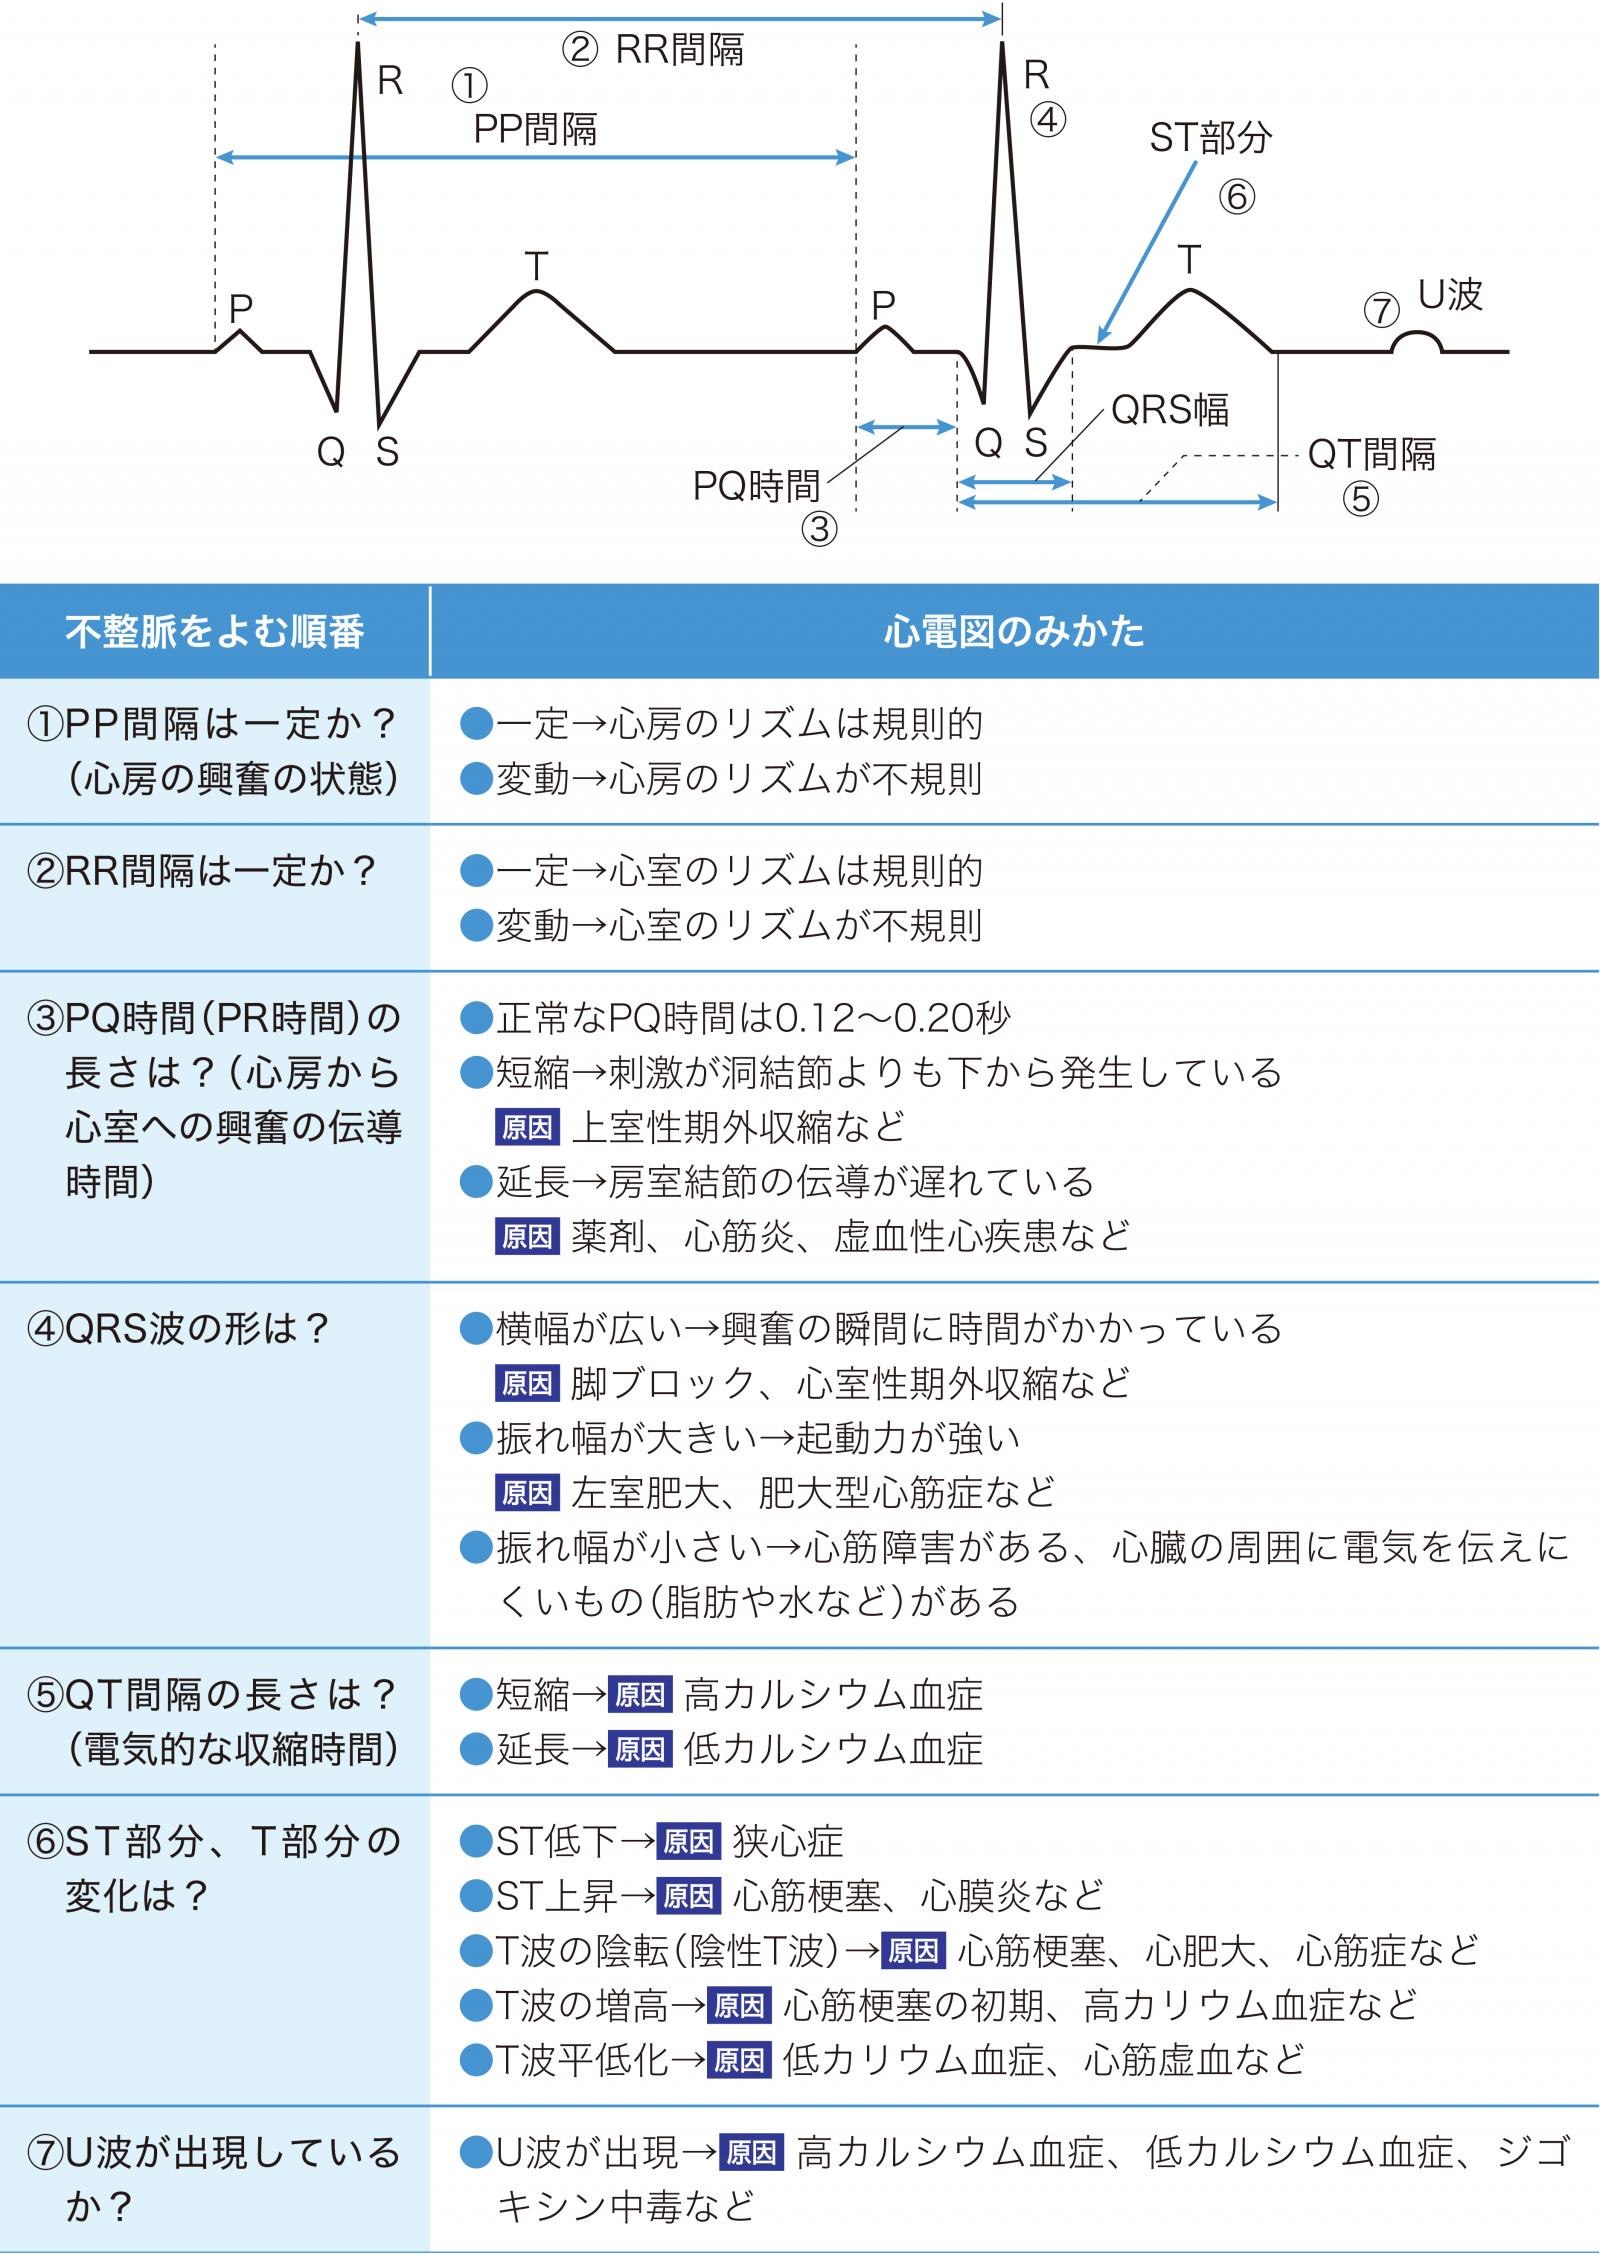 心電図の読み方の基本的な順番